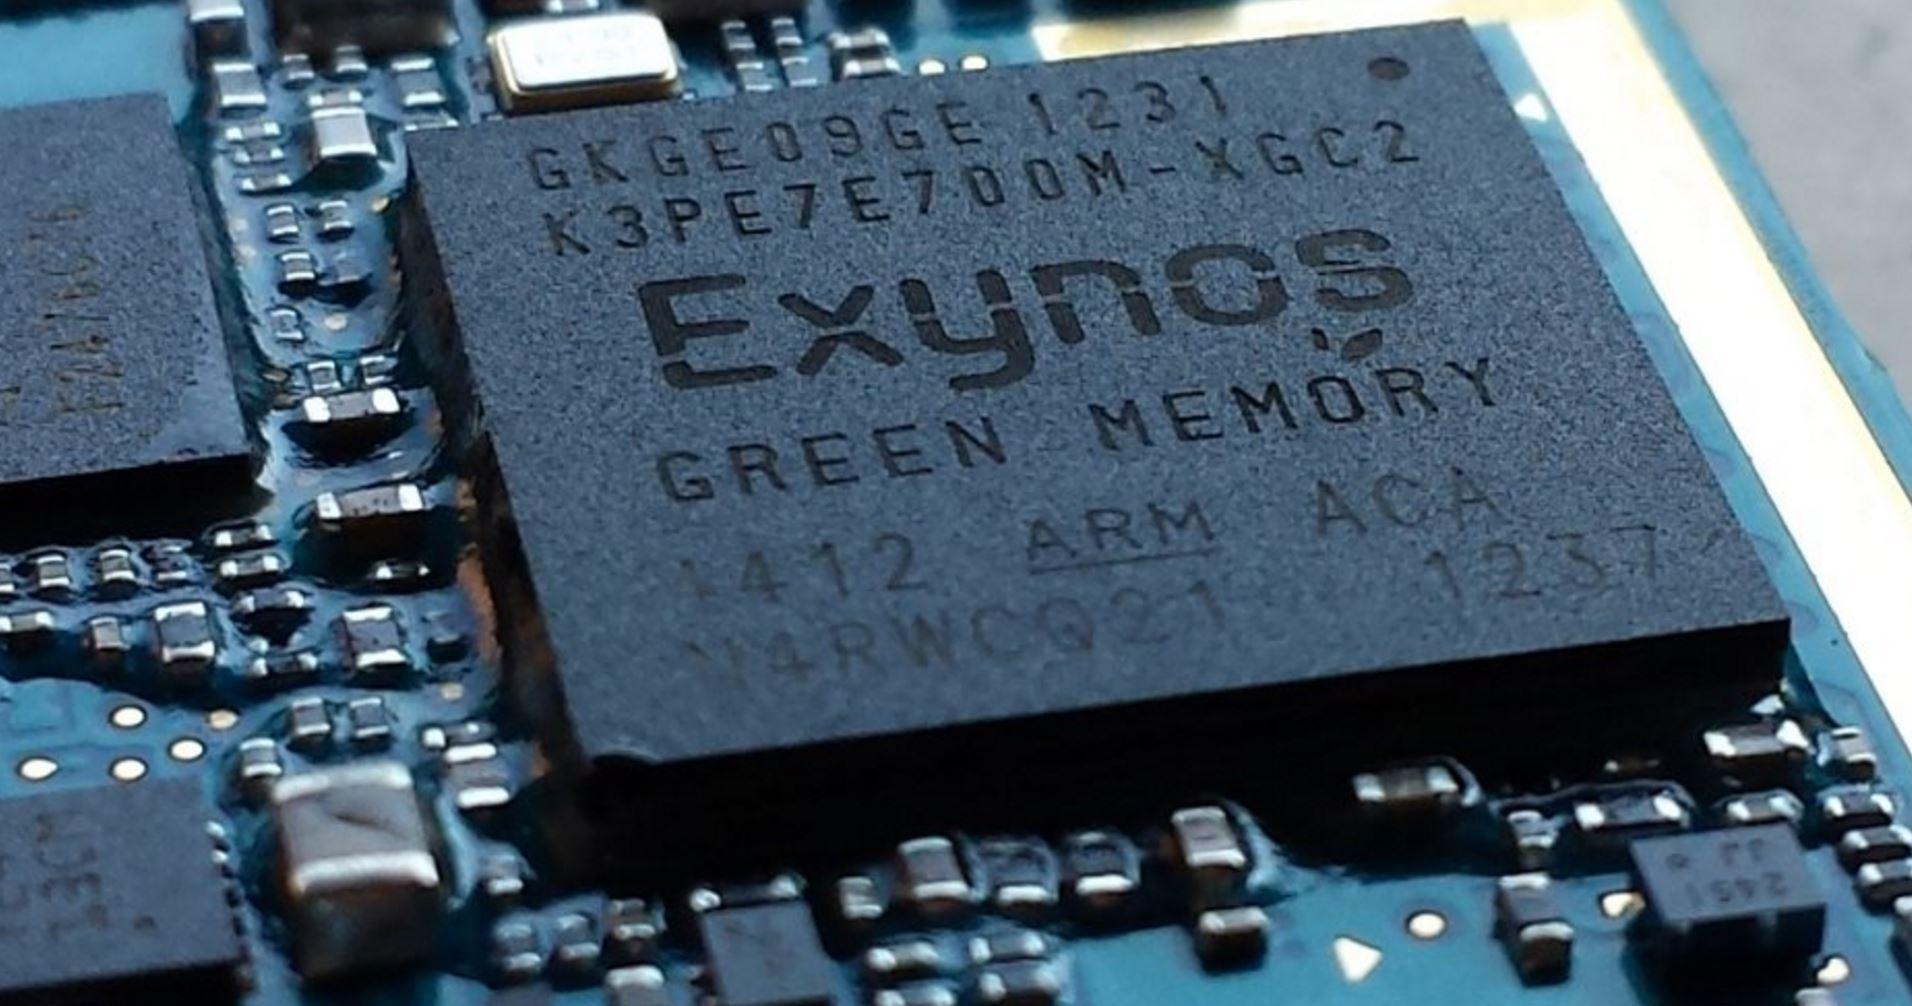 سامسونگ از سال ۲۰۱۸ برای شرکت خودروسازی Audi پردازندههای اگزینوس تولید خواهد کرد